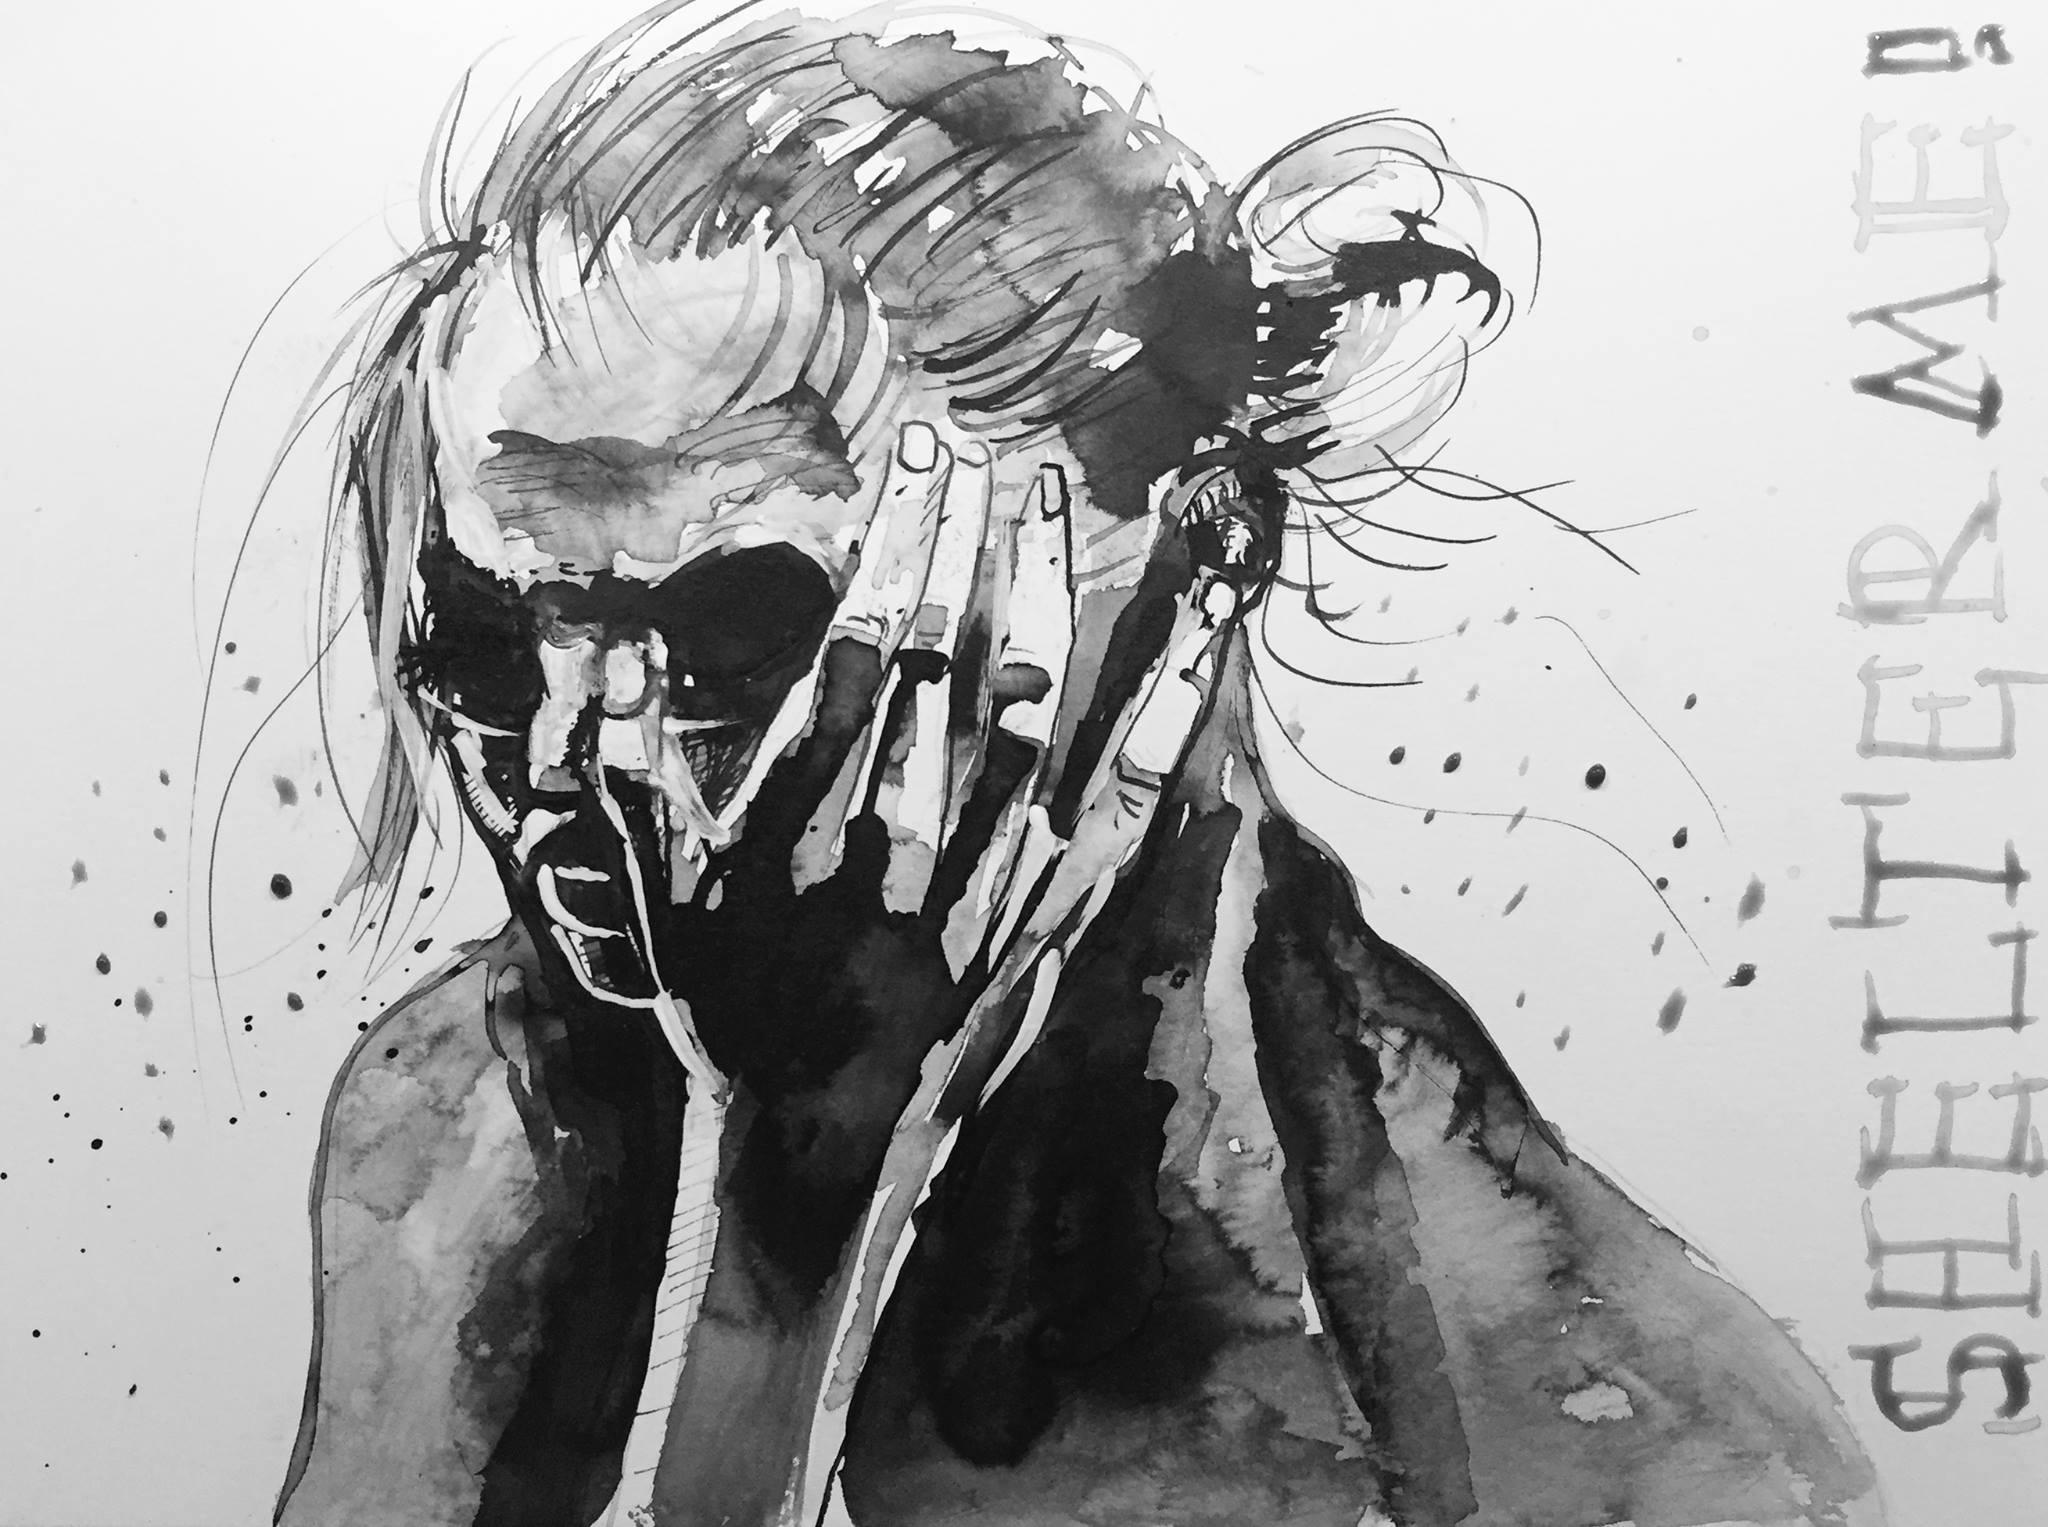 Shelter me, Tusche auf Papier, 24 x 32, 2016